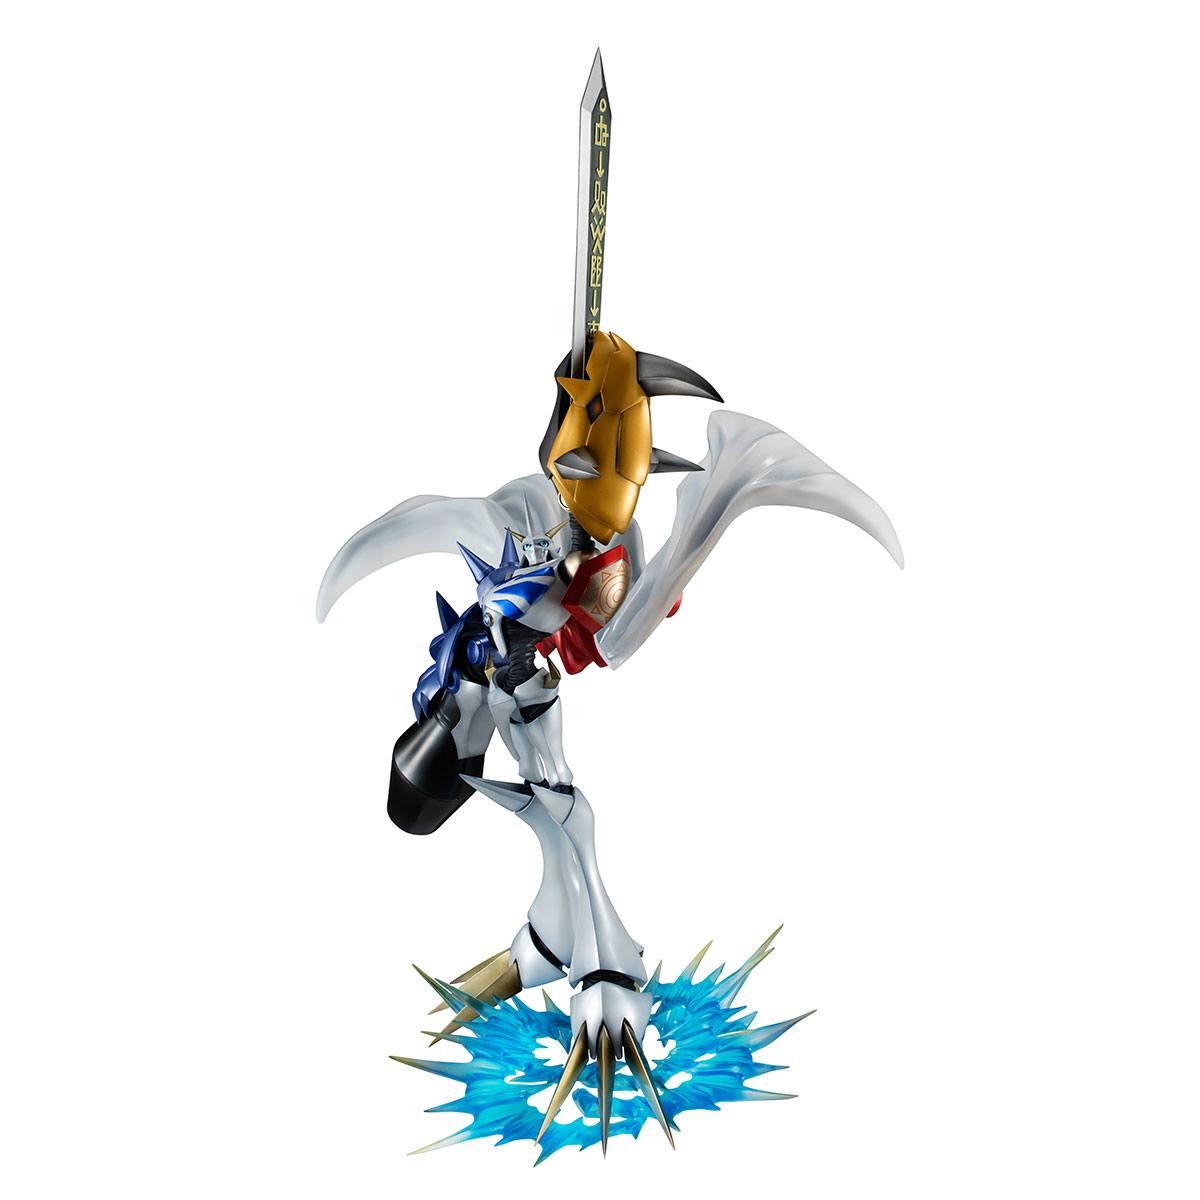 Digimon Adventure Precious G.E.M. Series PVC Statue Omegamon 60 cm